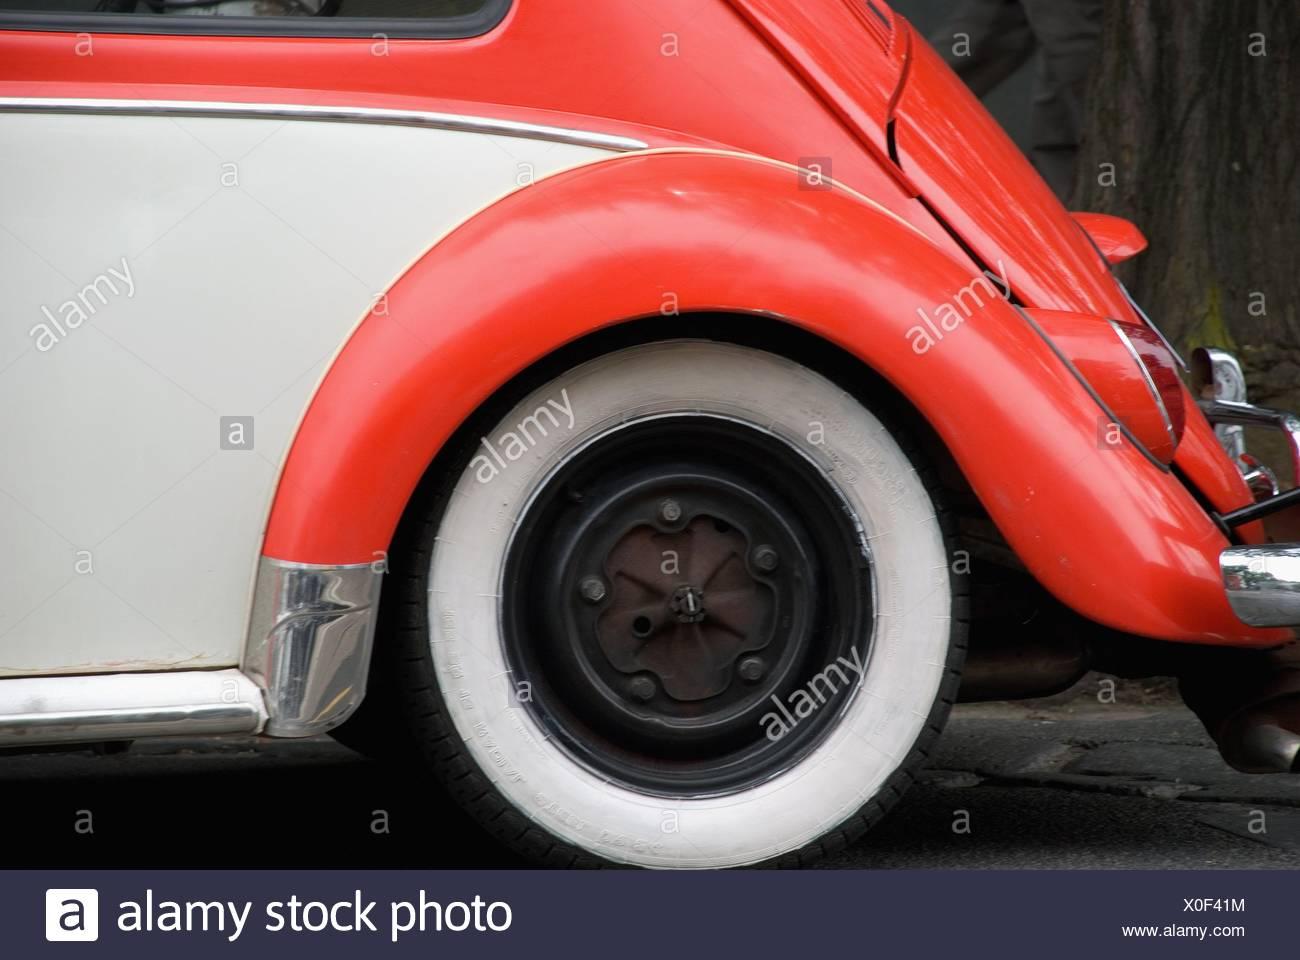 Classic Vw Car Stock Photos Amp Classic Vw Car Stock Images